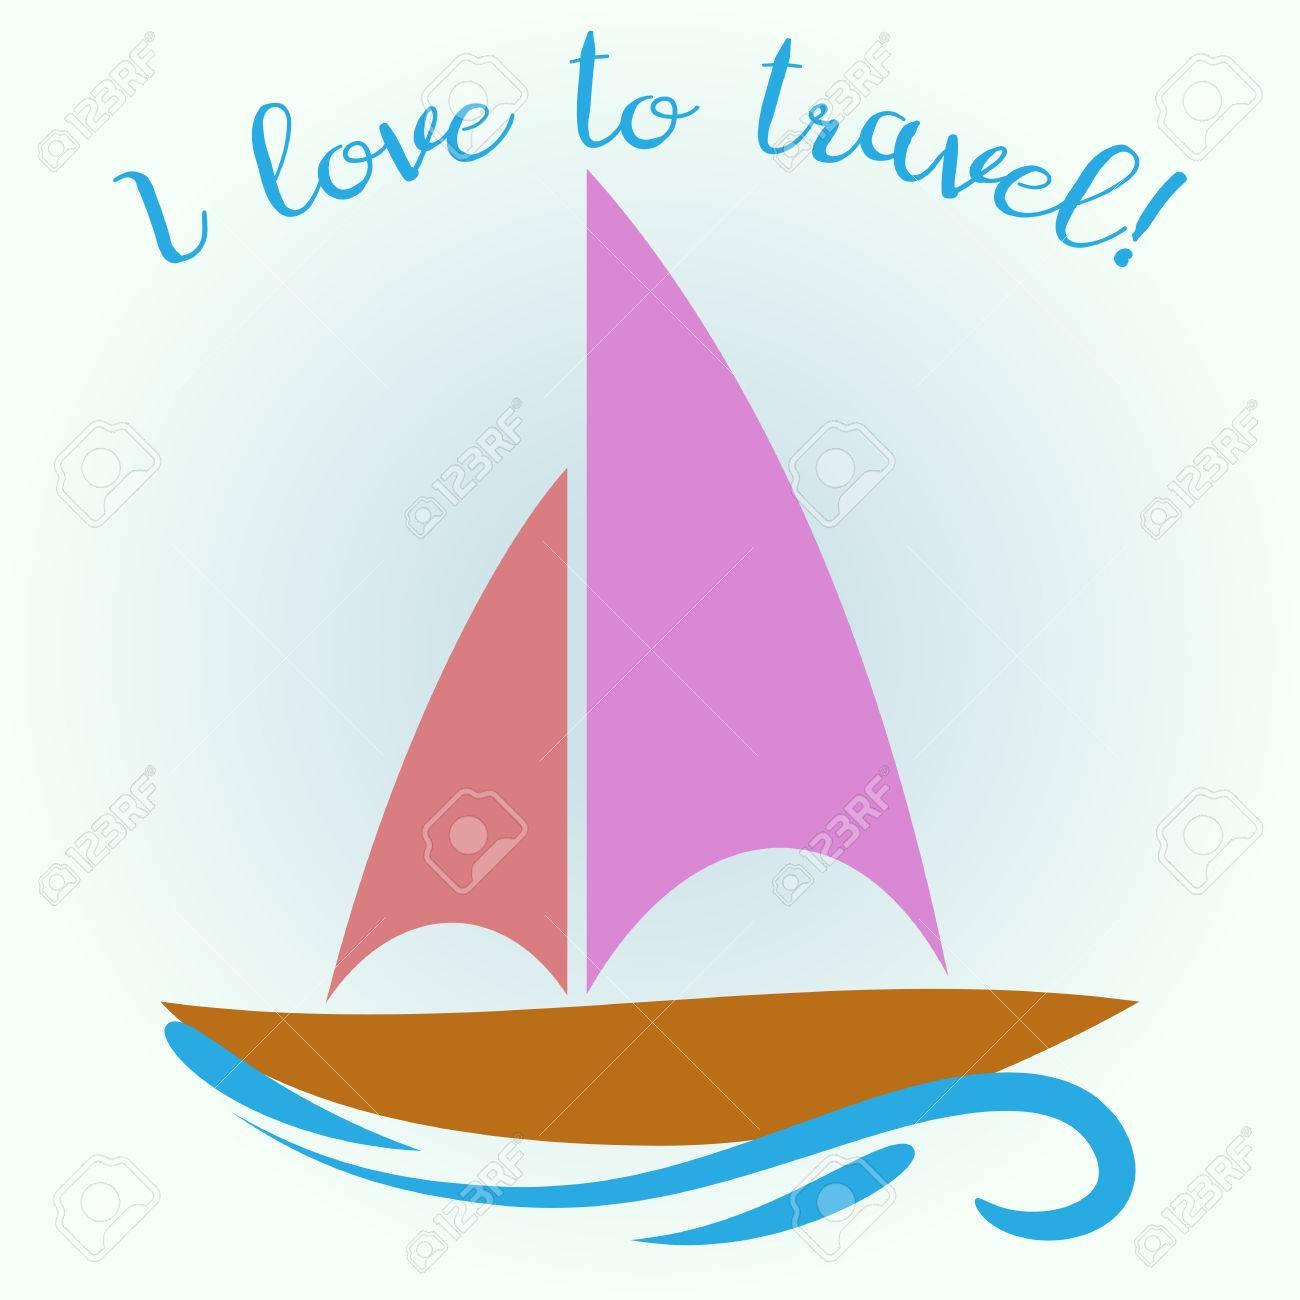 Caricatura De Un Barco De Vela En La Ola Inscripción Me Encanta